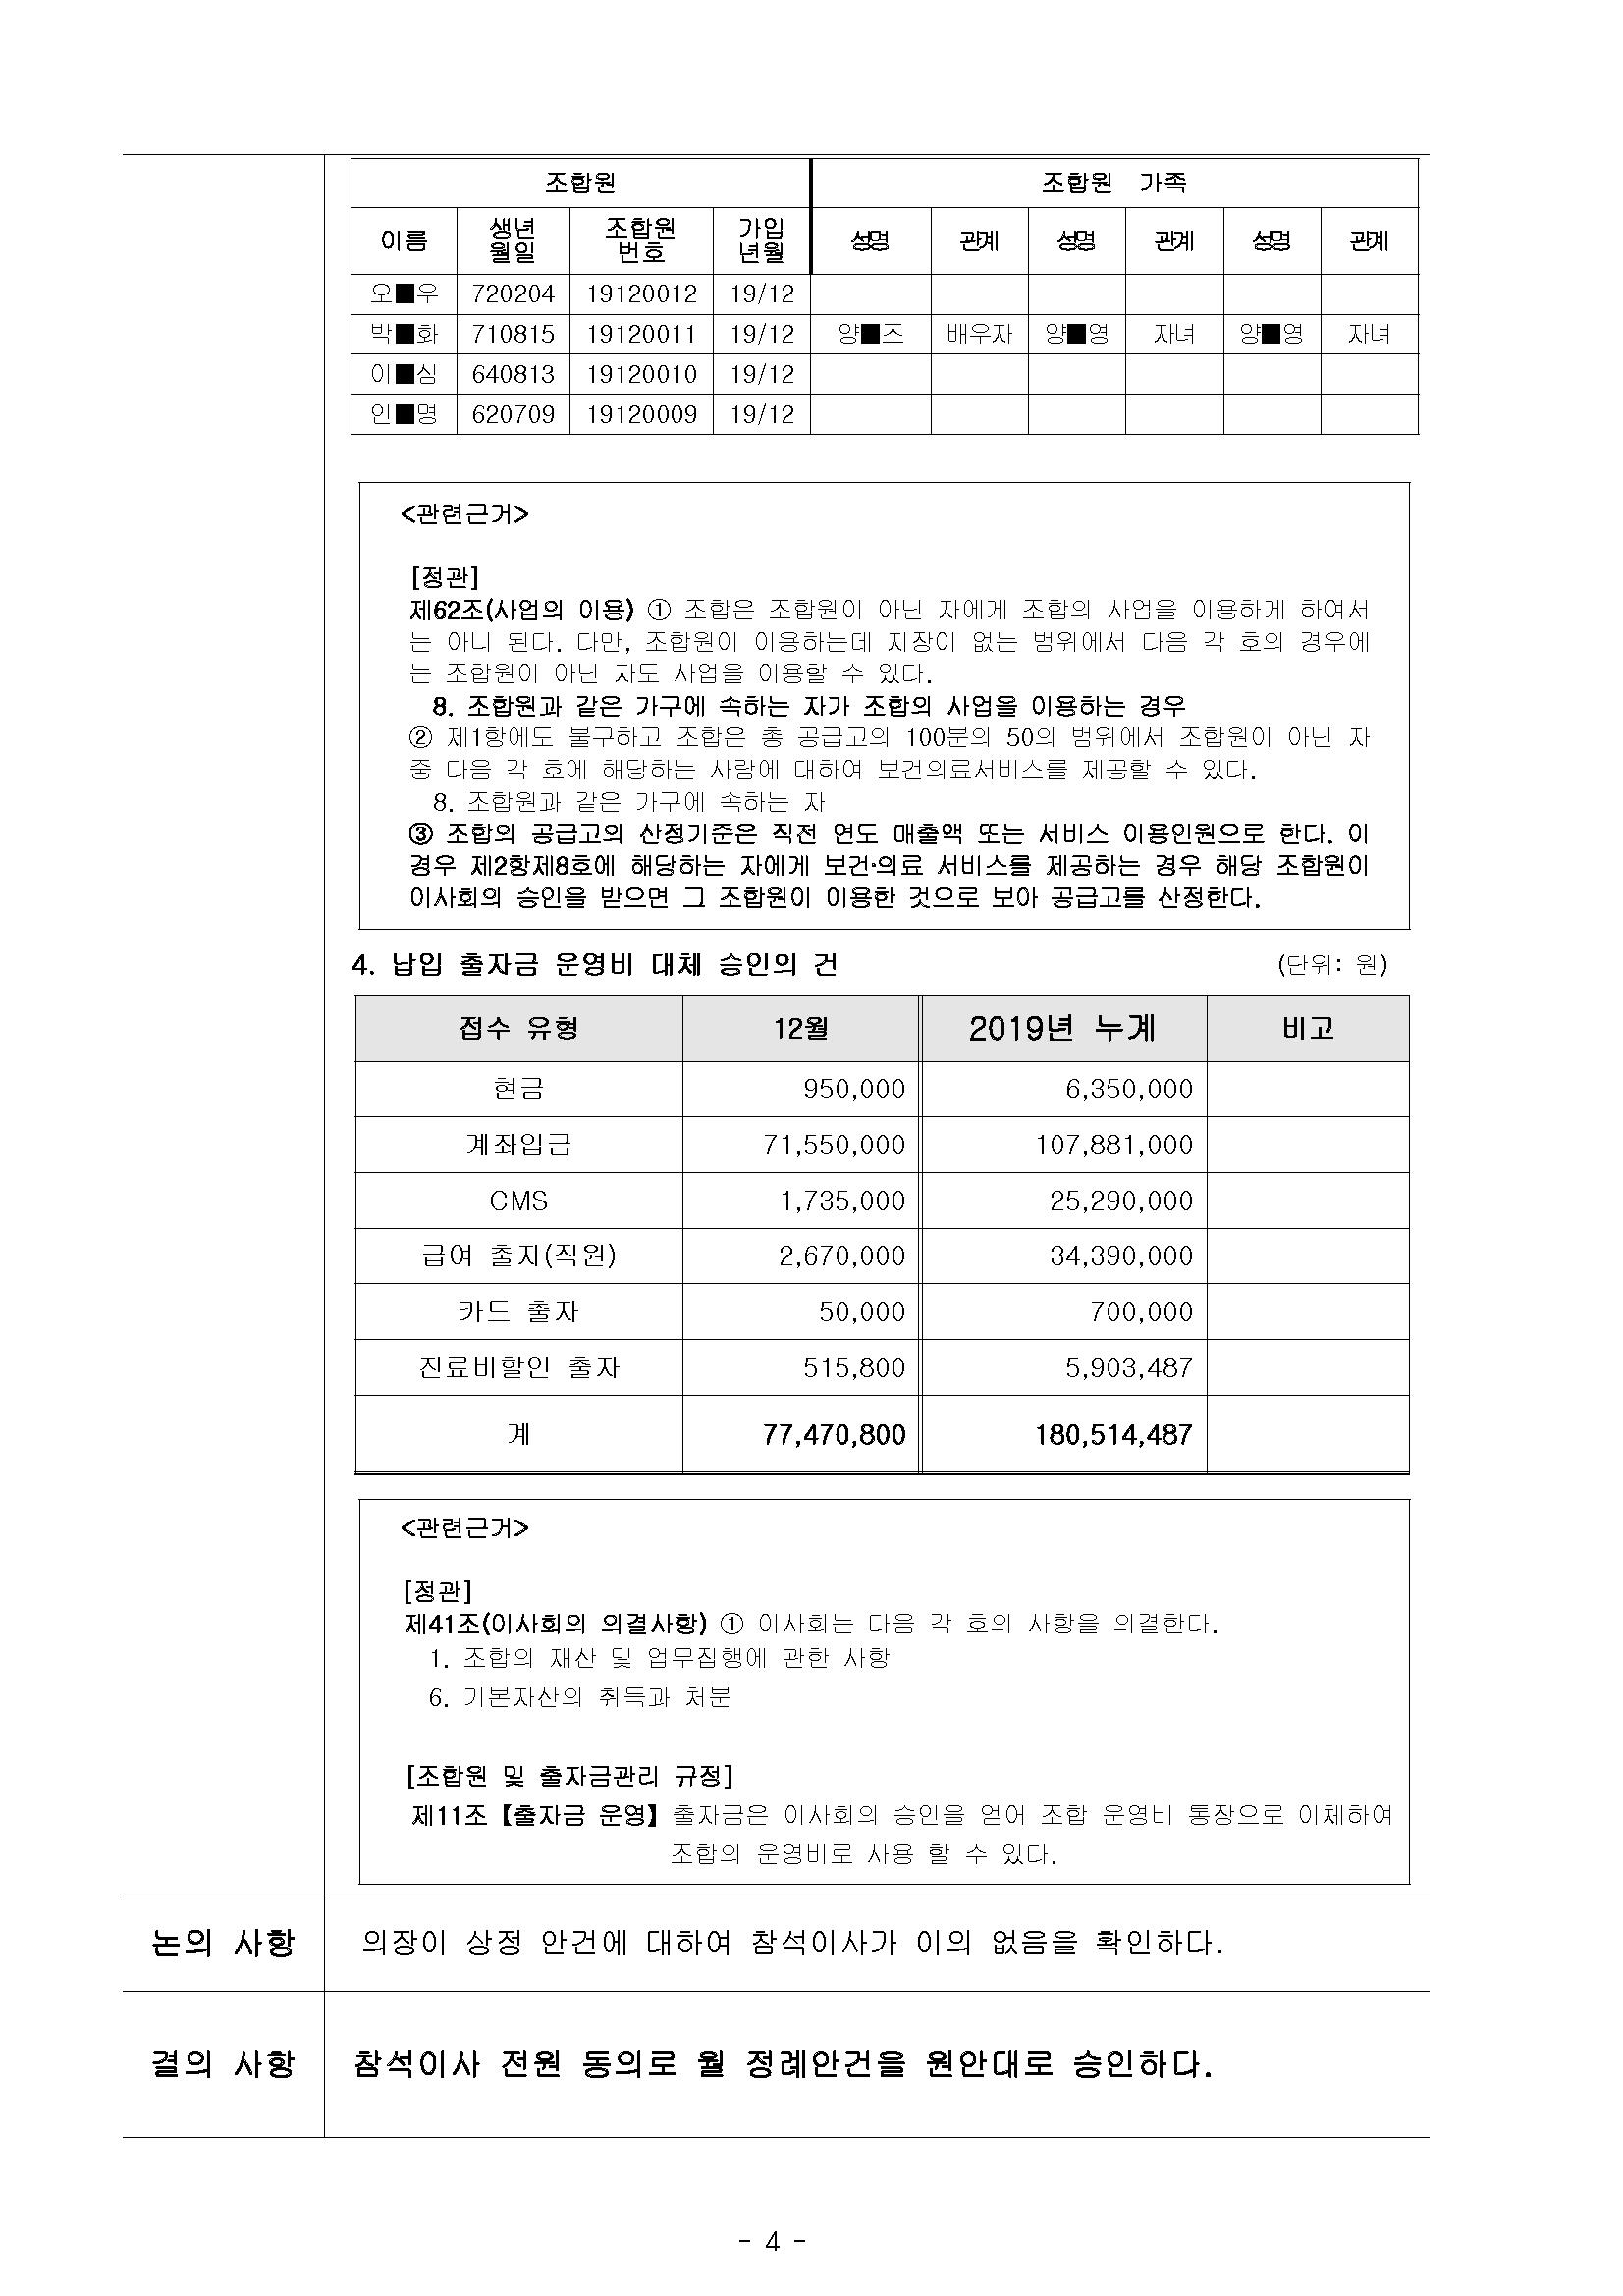 1 20200130 이사회 의사록-완료_페이지_05.png